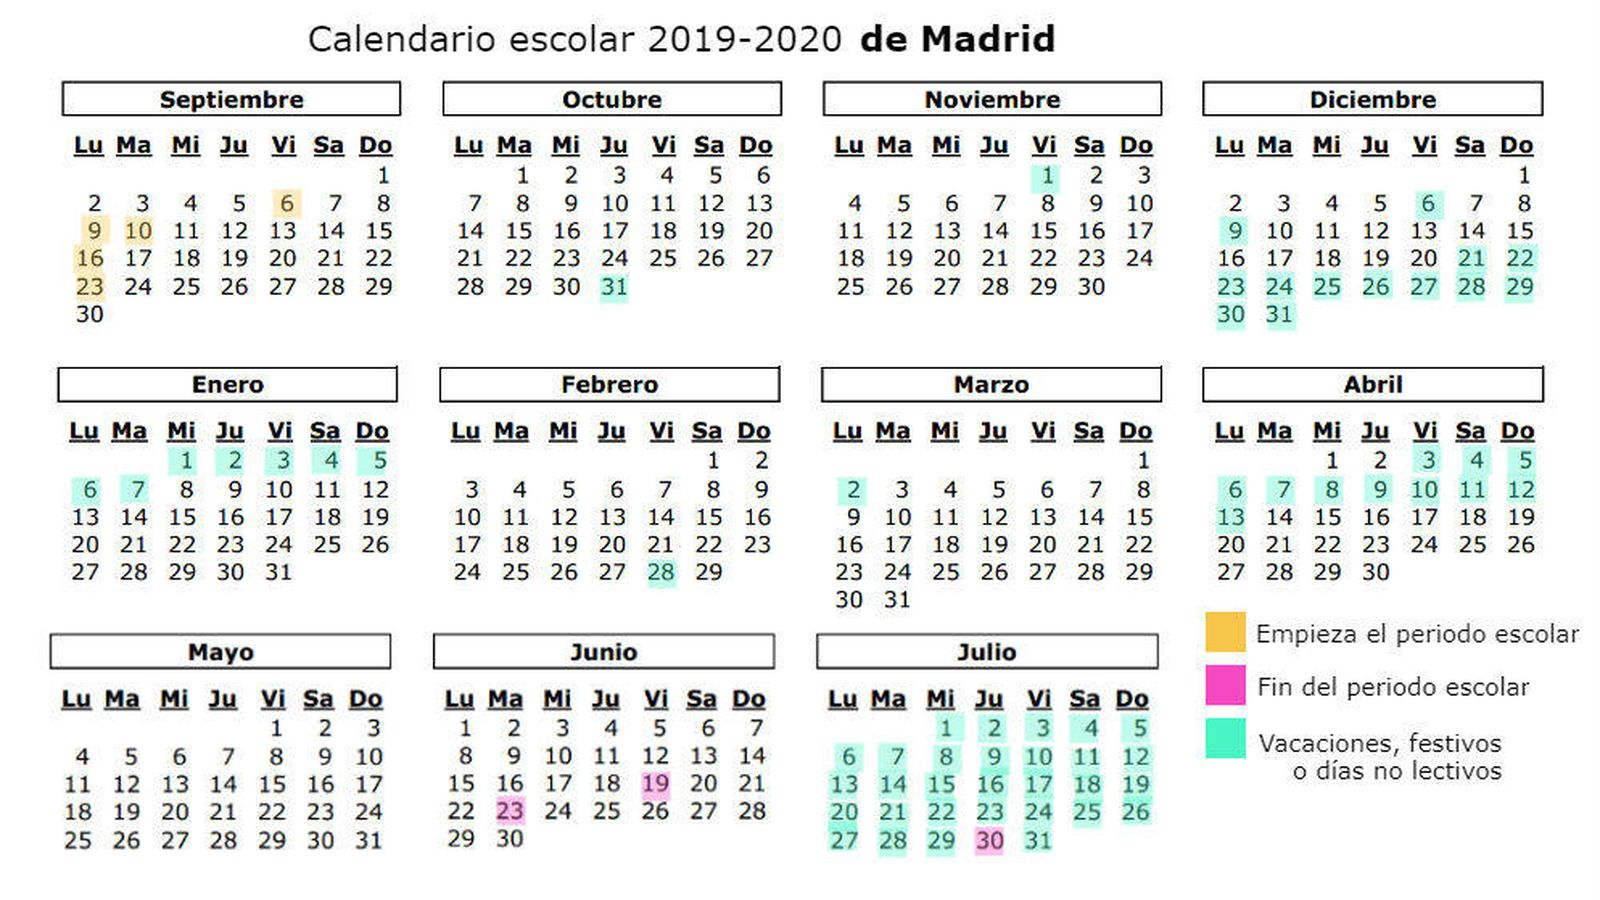 Calendario 2020 2020.Calendario Escolar 2020 2020 Comunidad Valenciana Pdf